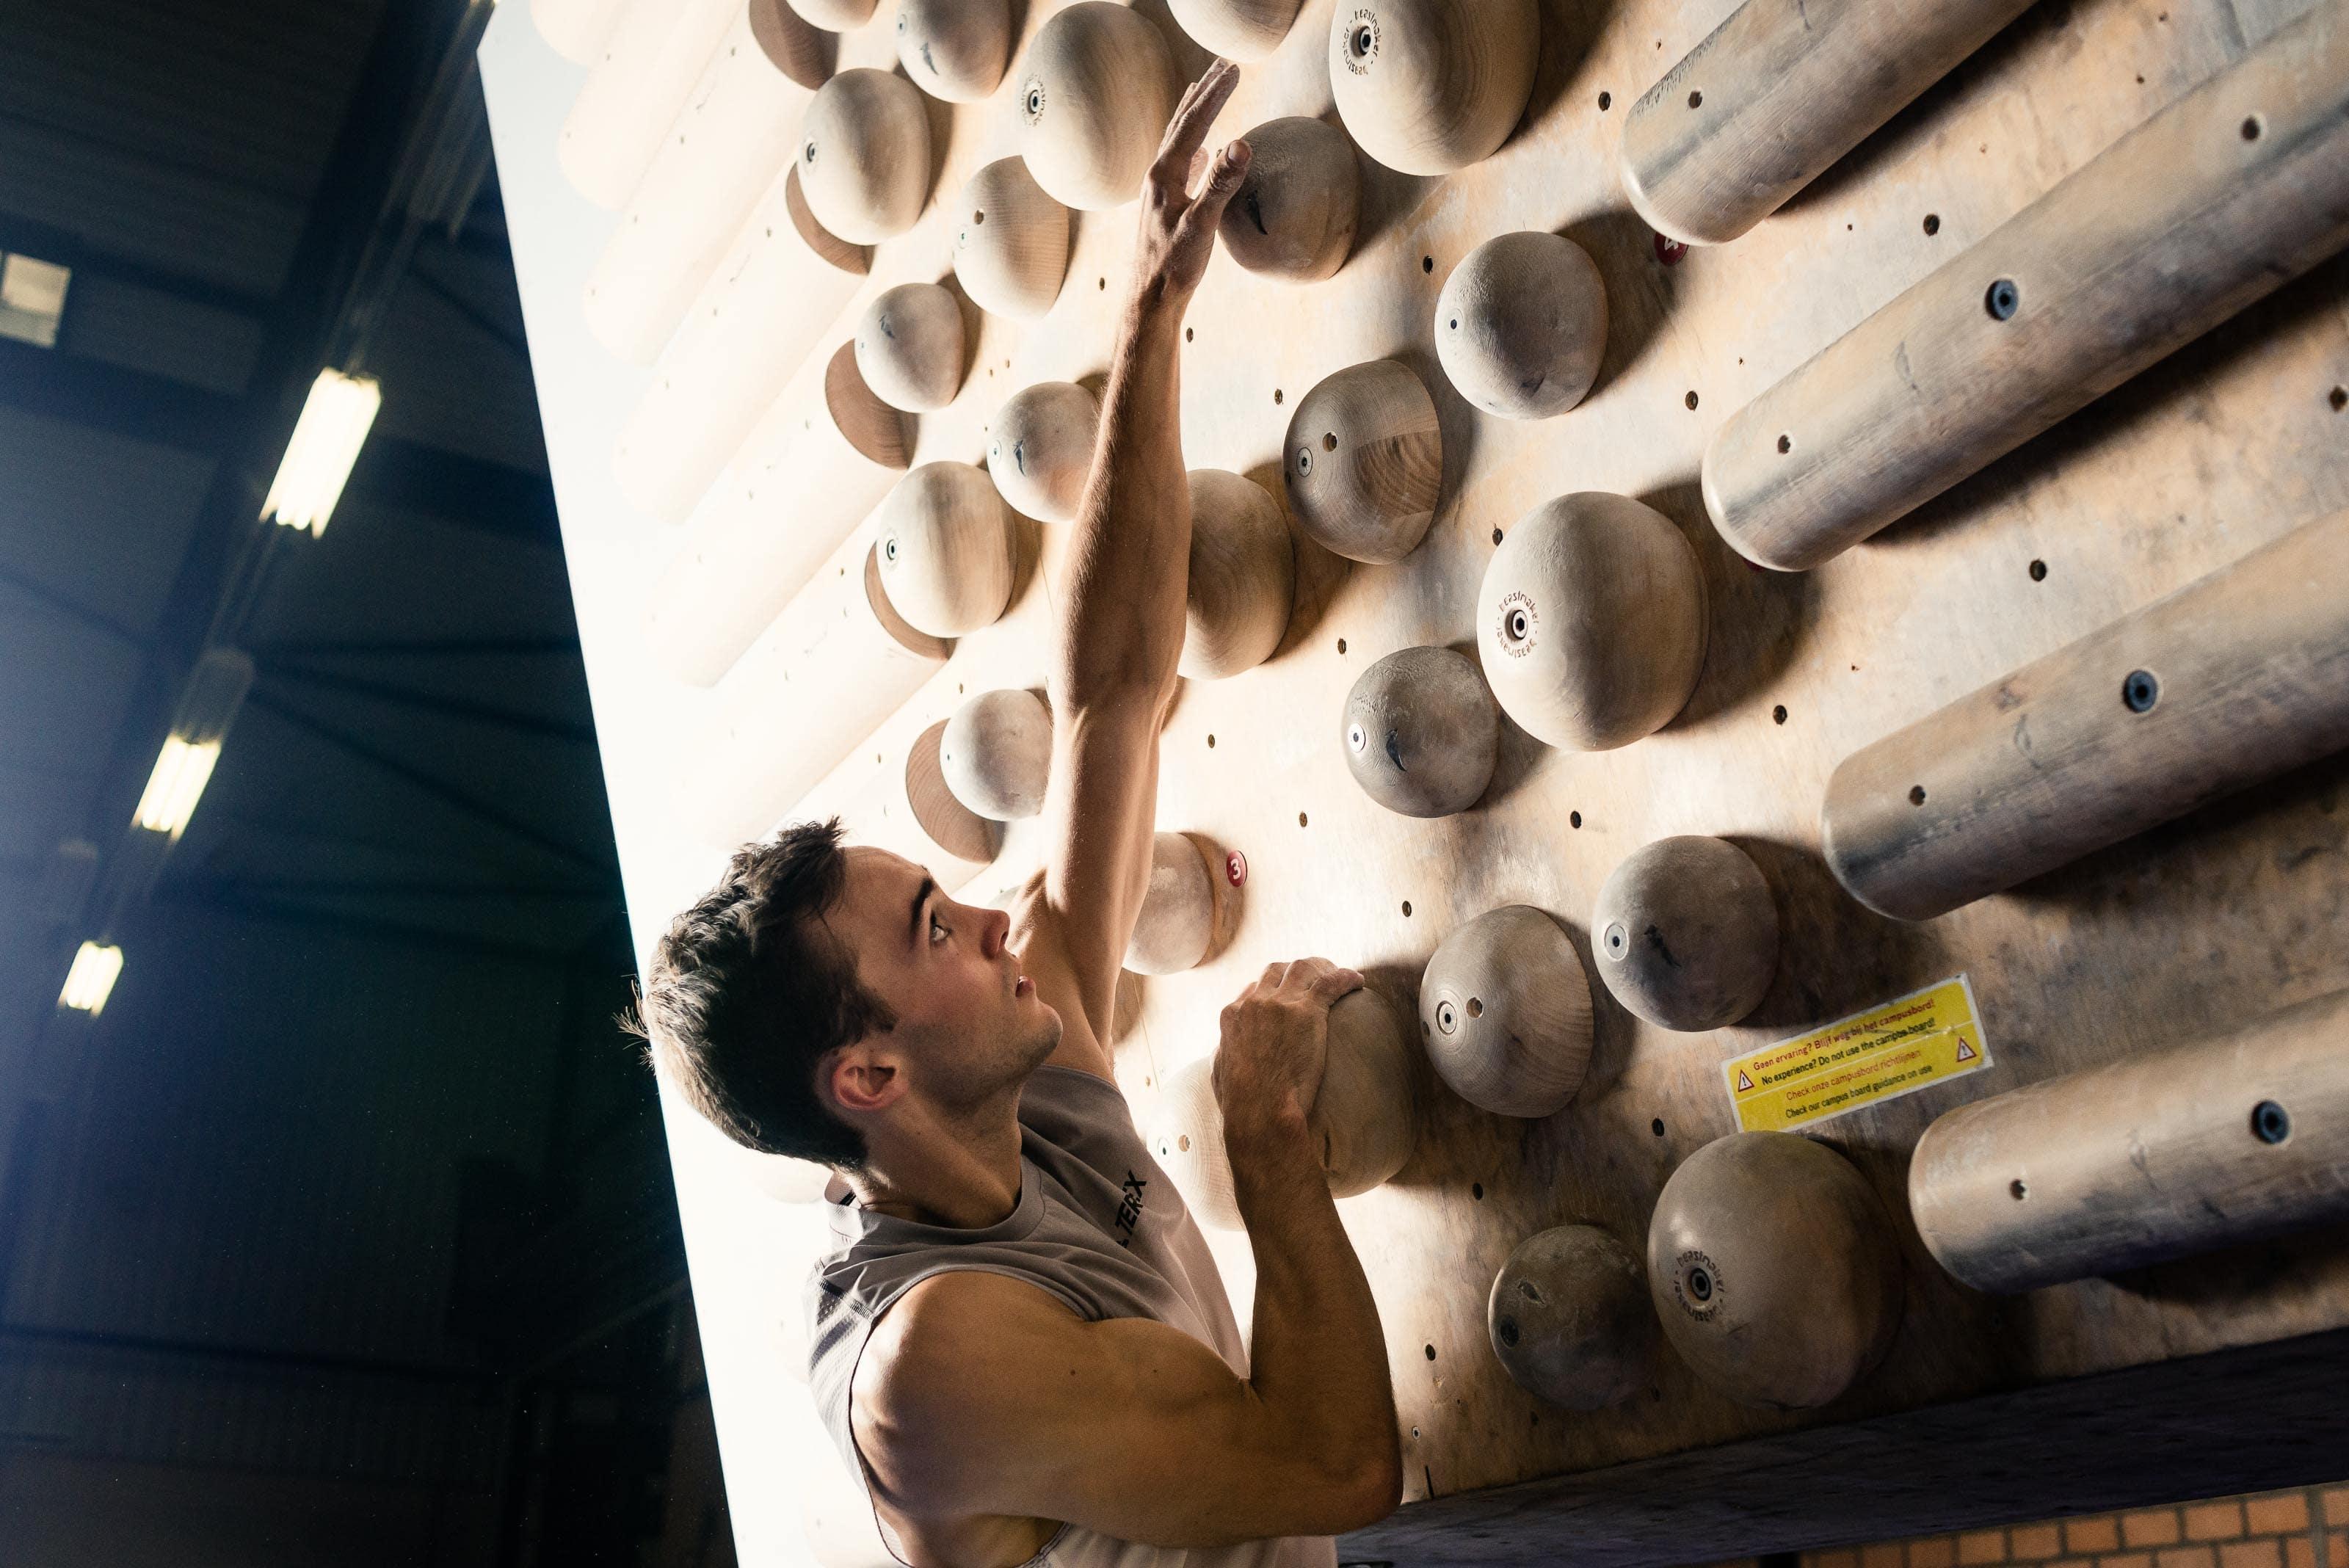 Come i diversi allenamenti sulla forza influiscono in arrampicata